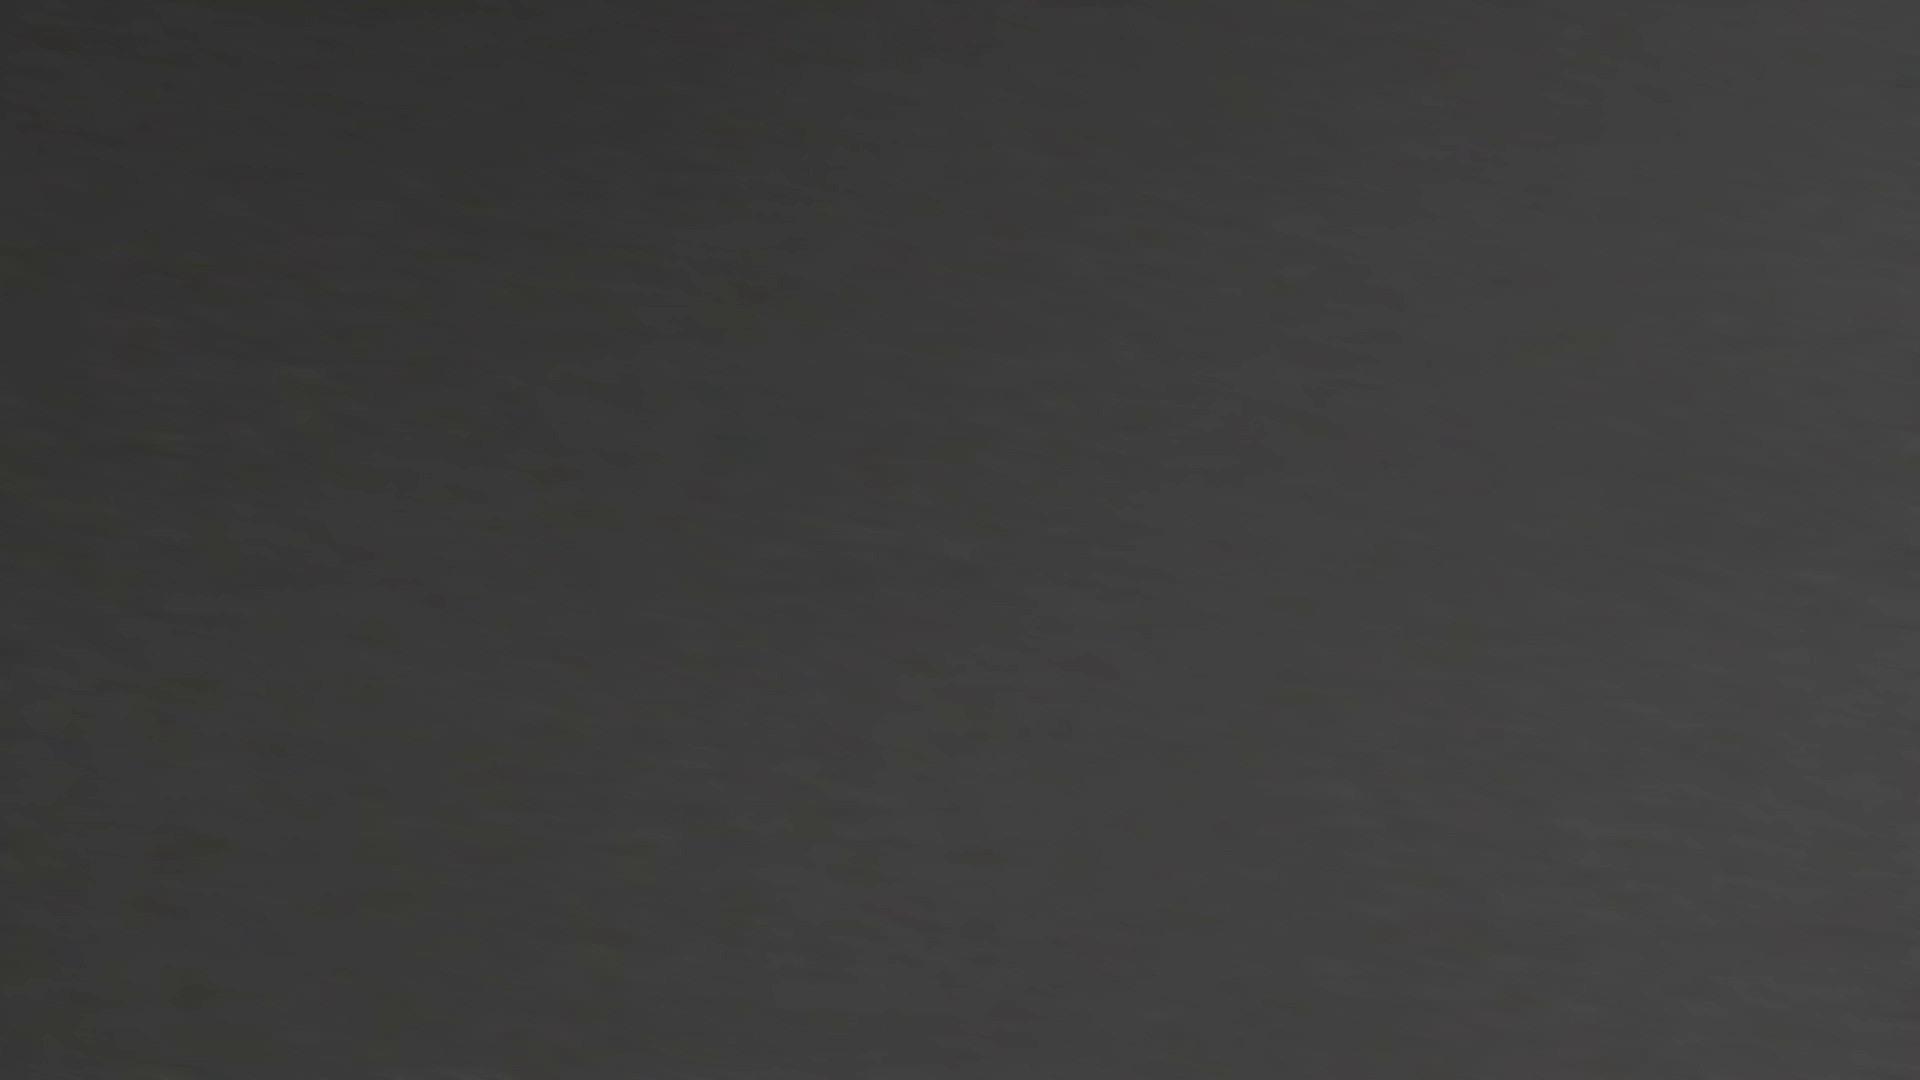 お銀さんの「洗面所突入レポート!!」 vol.51 突入最前線!おまけ付き 高画質 すけべAV動画紹介 105枚 19